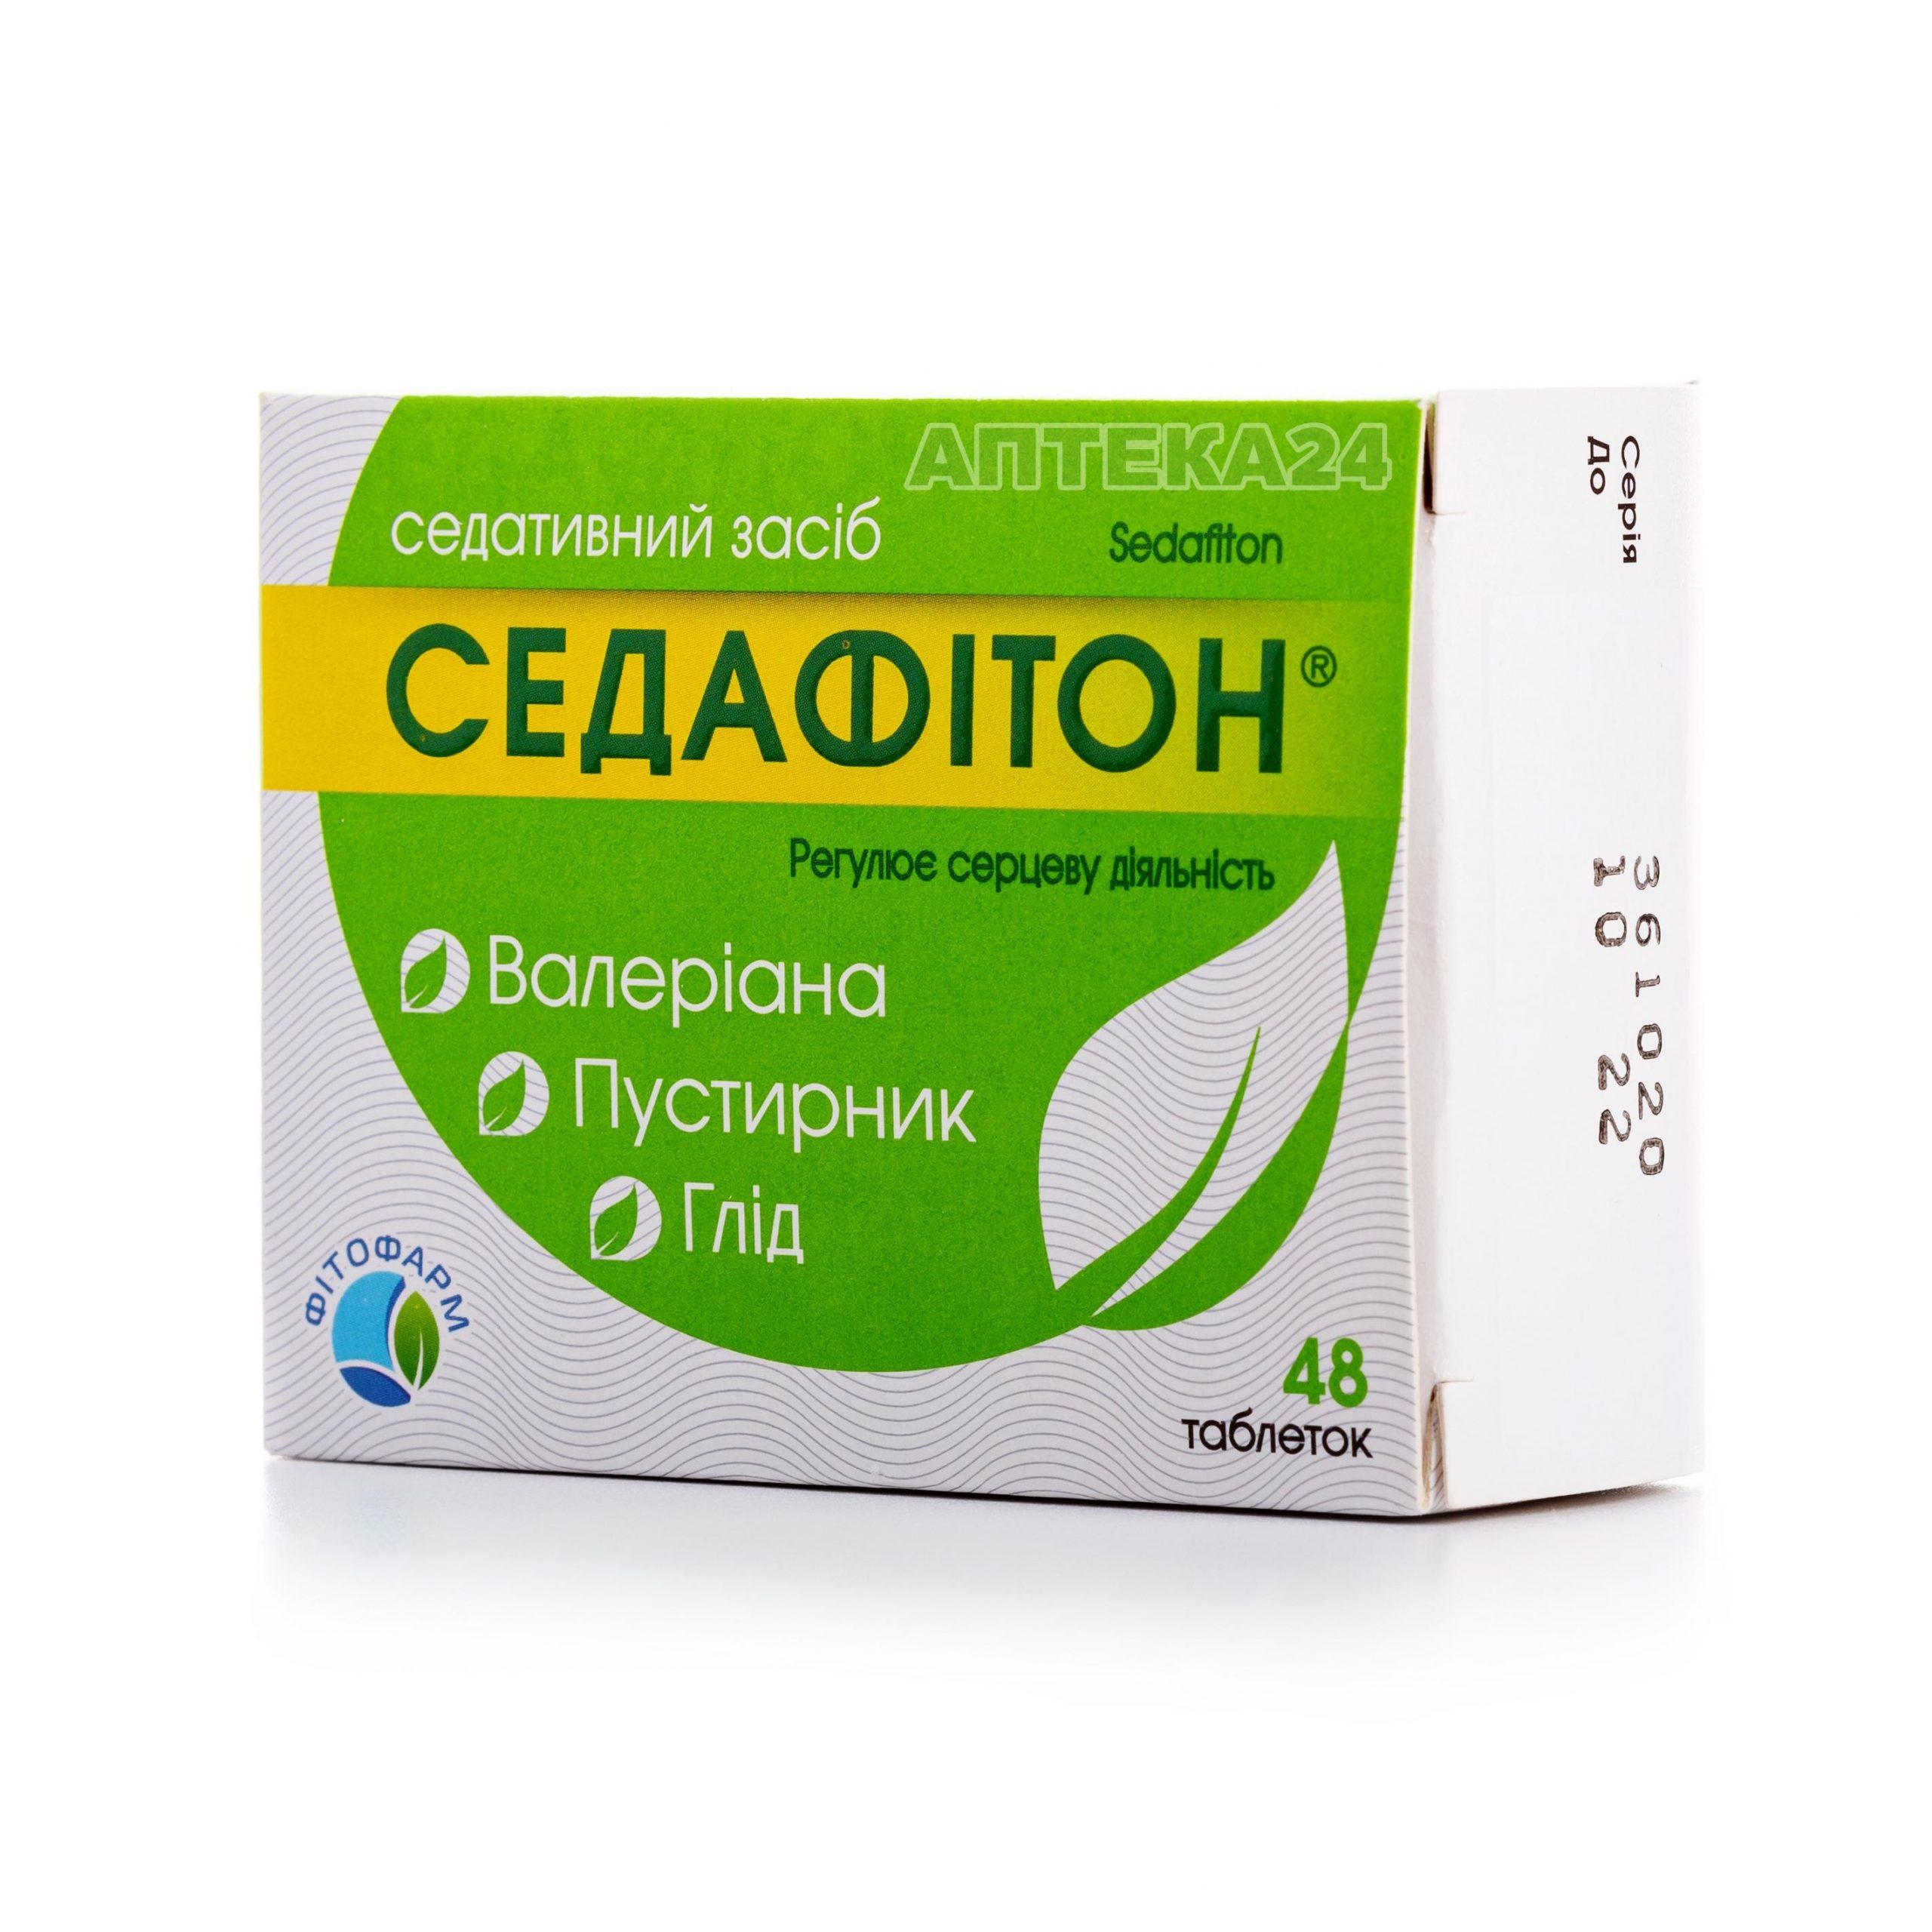 Седафитон N48 таблетки_6005d8d9d8a4b.jpeg